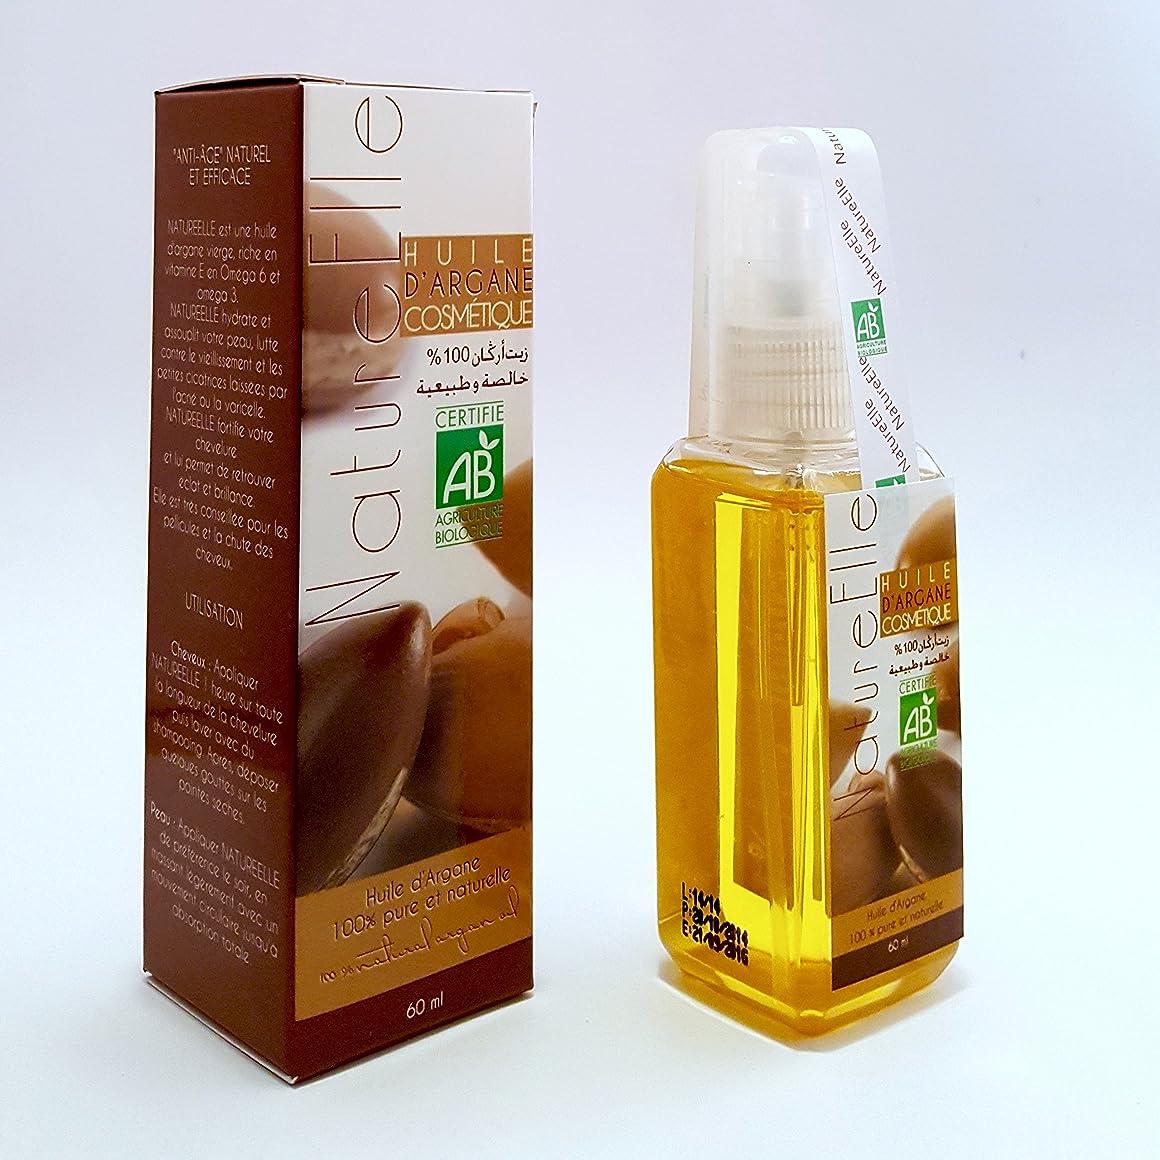 滴下長さ自由NatureElle 60ミリリットル - 肌や髪のためのアルガンオイル100%ピュア?有機モロッコオイル Argan Oil 100% Pure and Organic Moroccan Oil for skin and hair - 60 ml - Delivery Express in three working days - Shipping traced [並行輸入品]